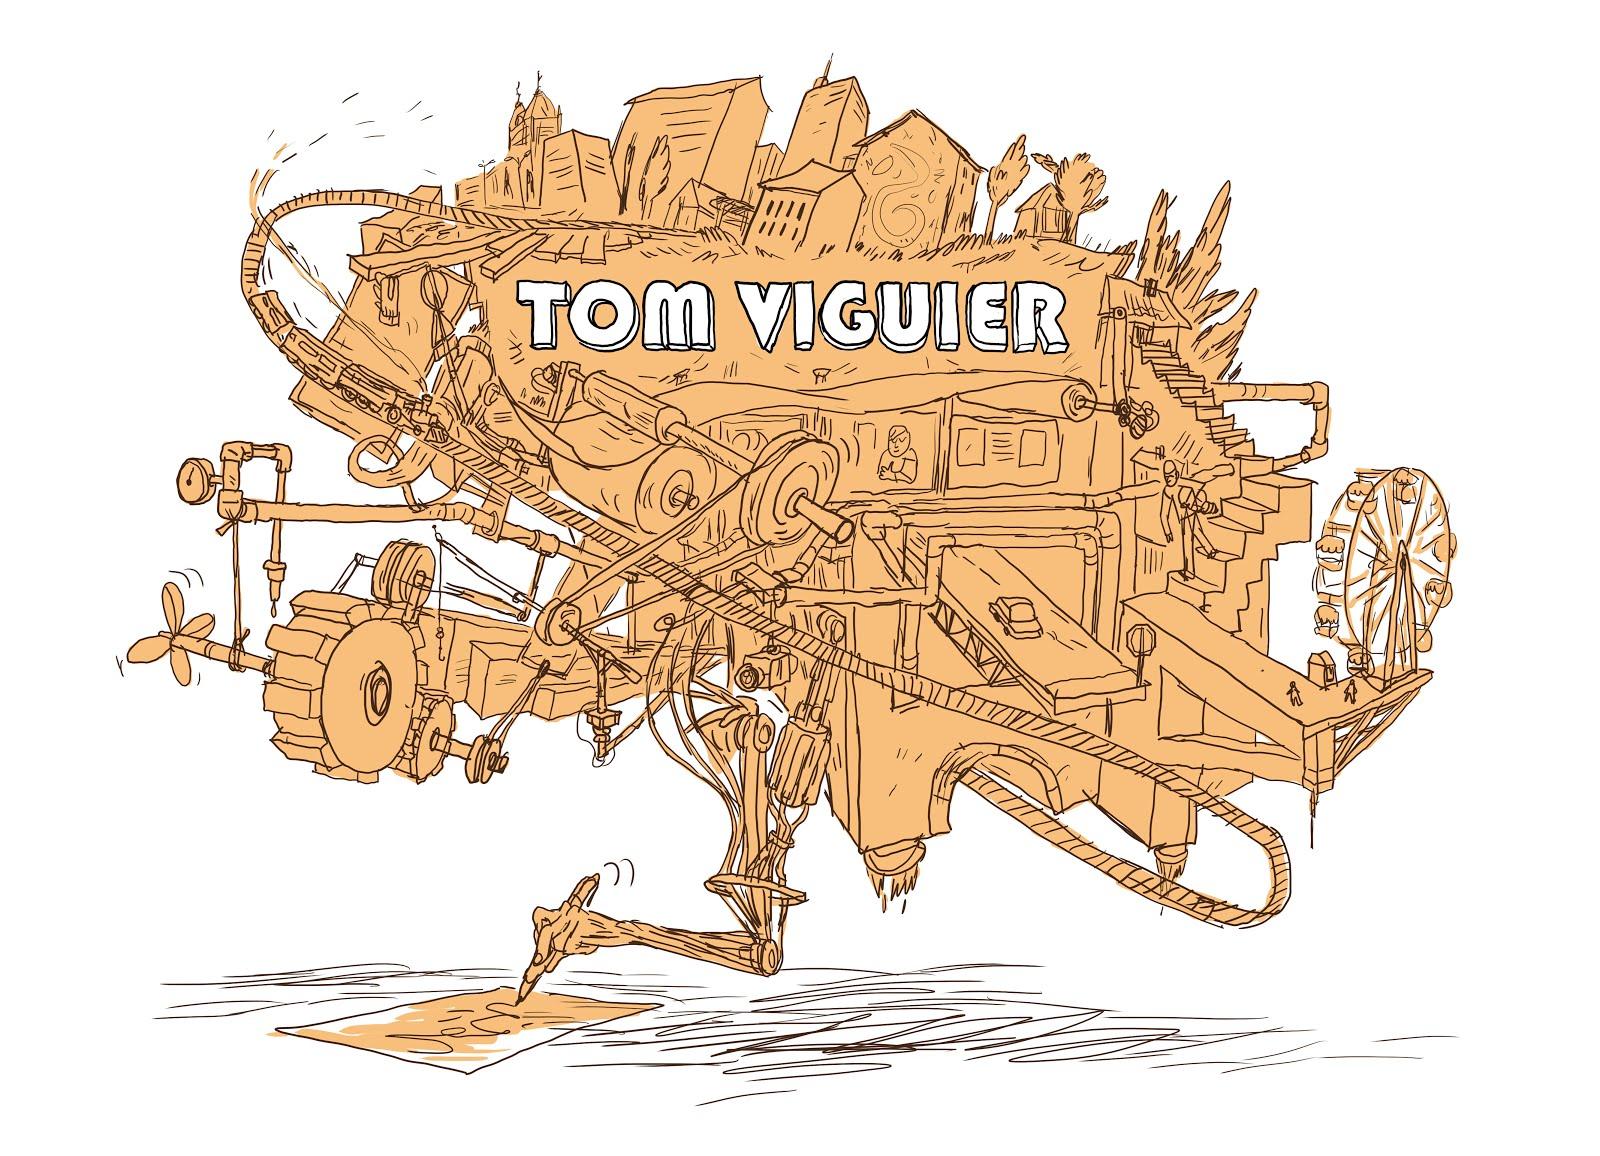 Tom VIGUIER